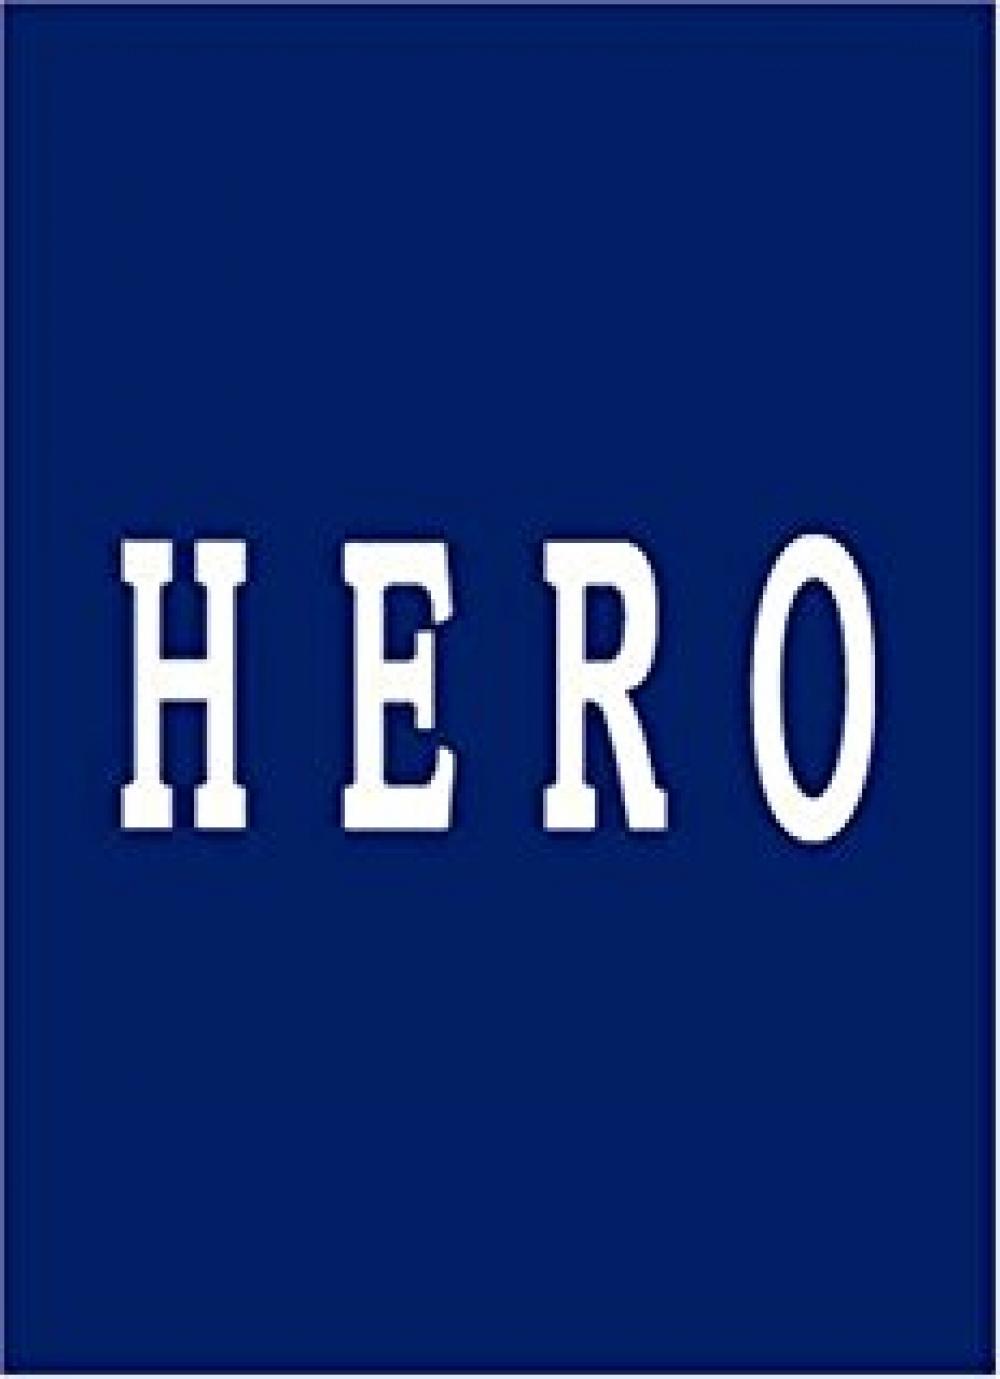 新旧ドラマ『HERO』のキャストを比較してみた | ciatr[シアター]